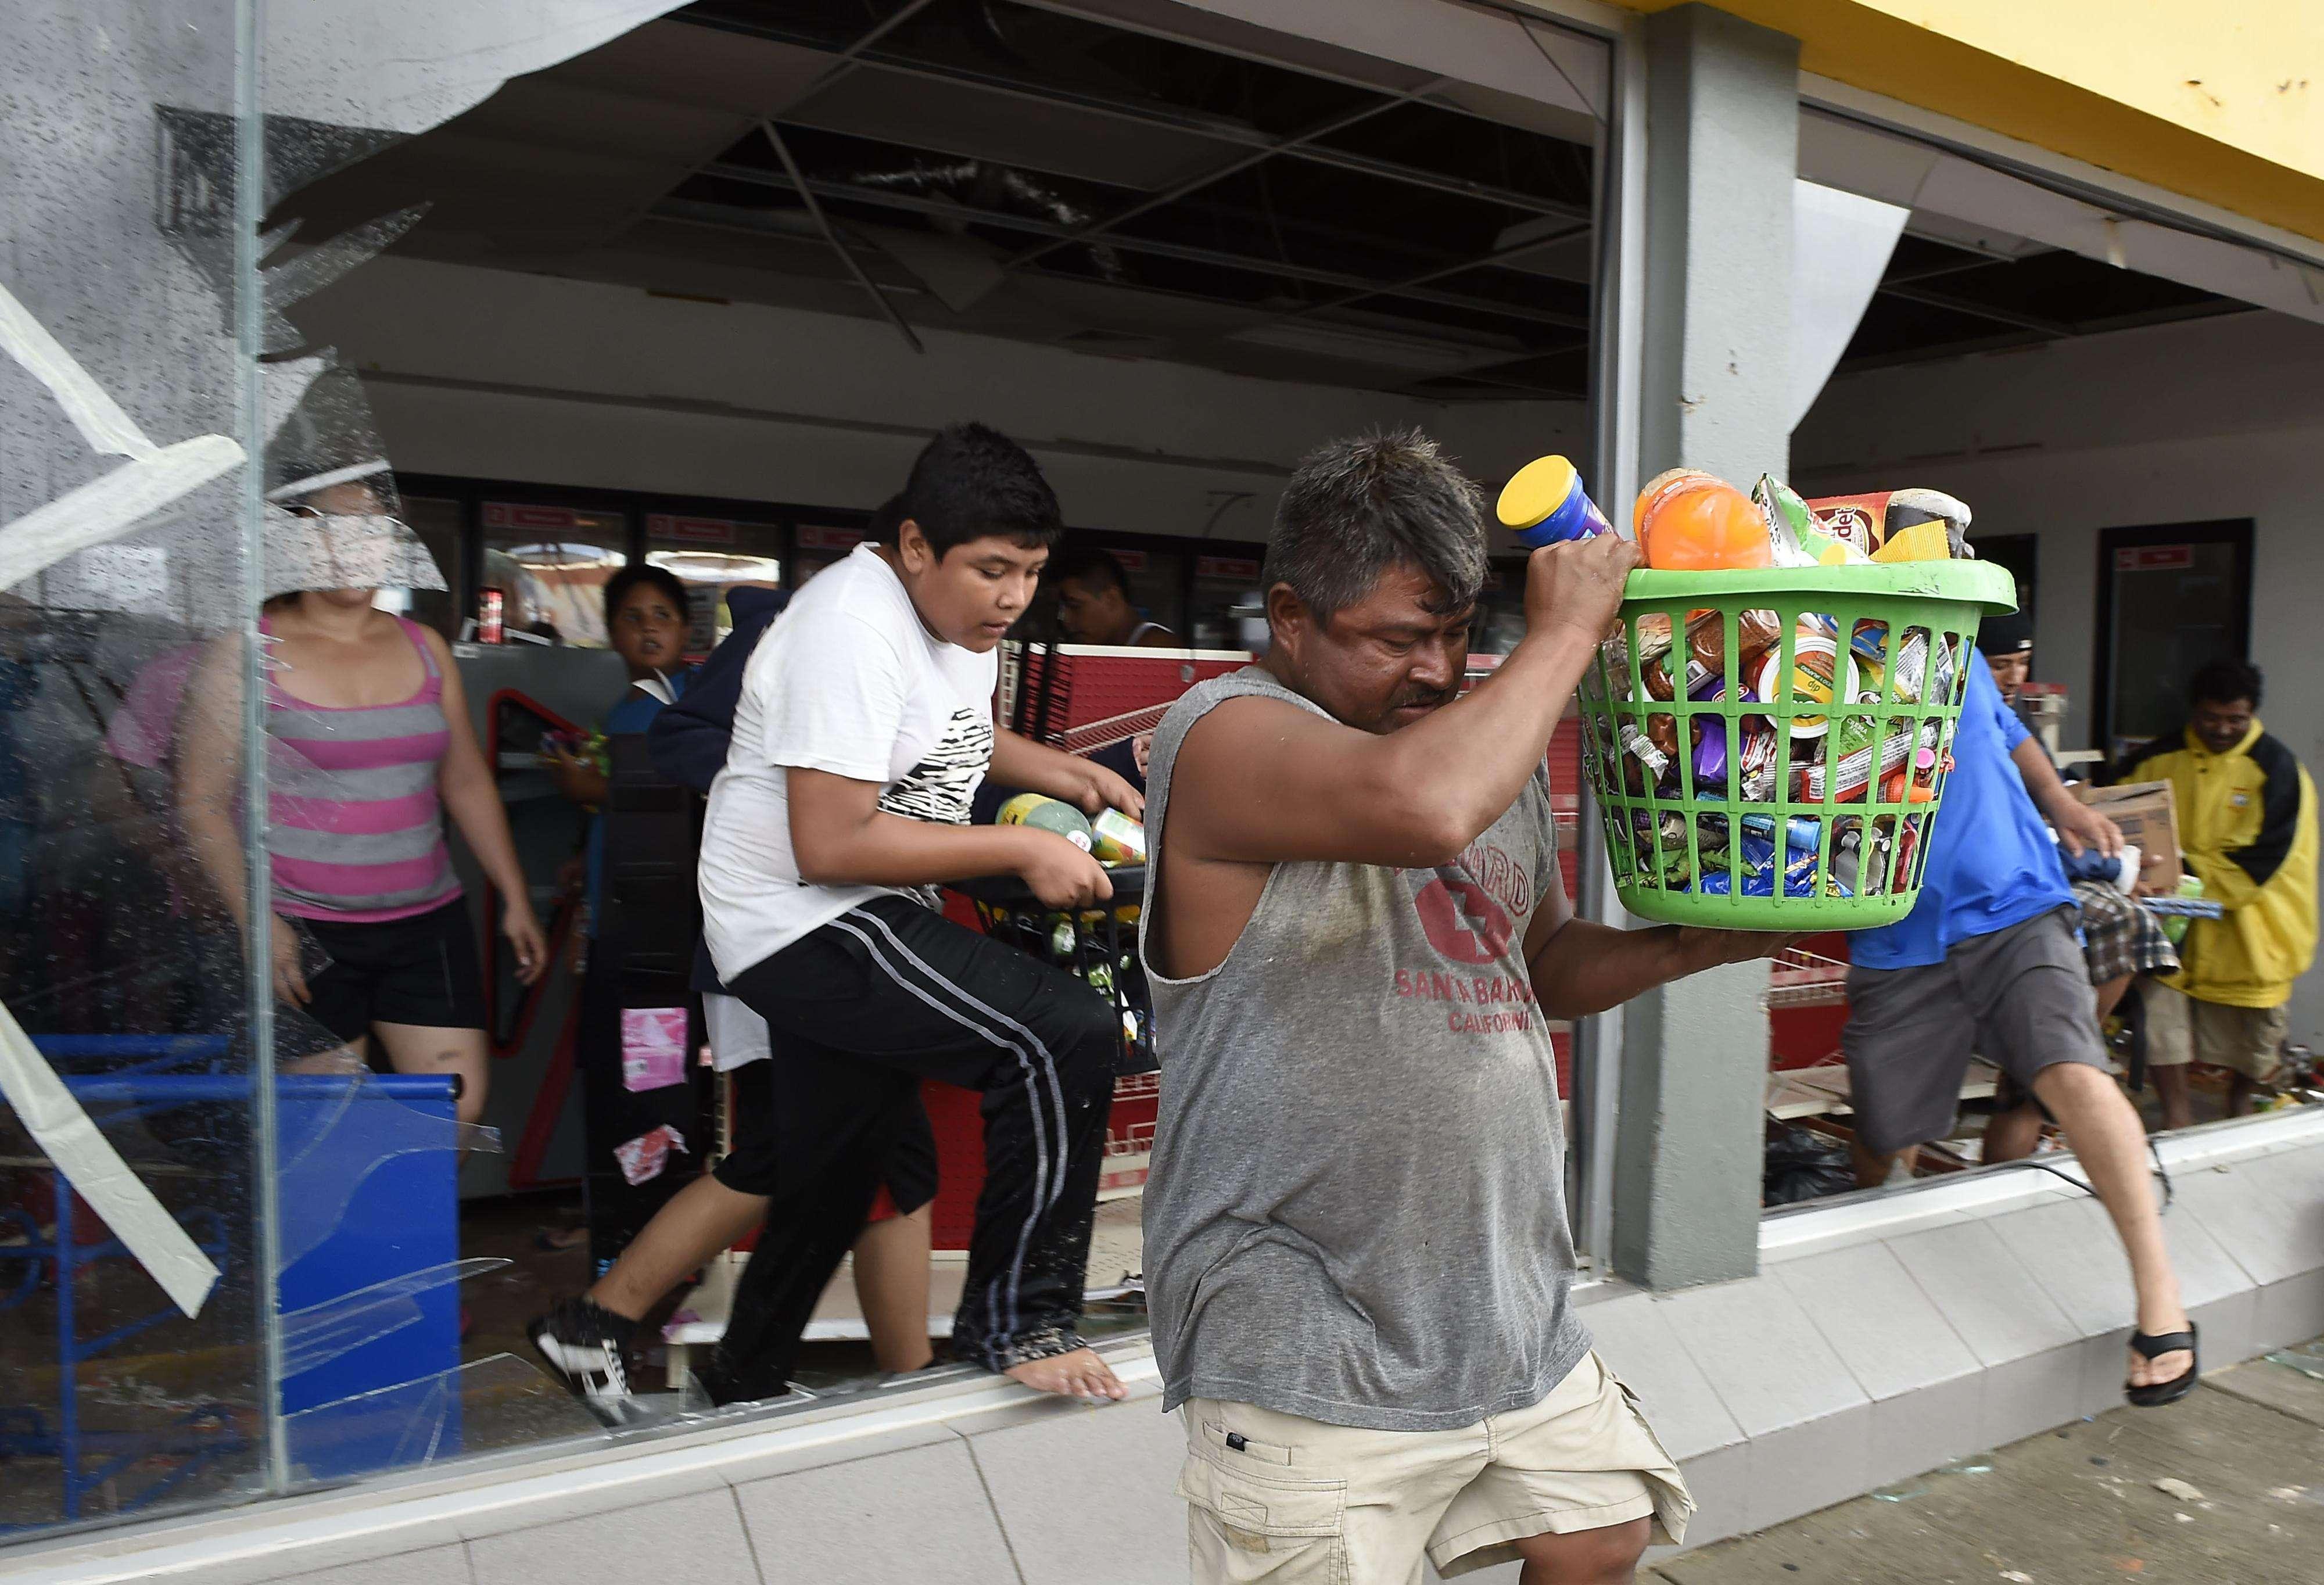 Tras el paso del huracán, autoridades alertaron a la población de Los Cabos y La Paz para que racionen los recursos. Foto: AFP